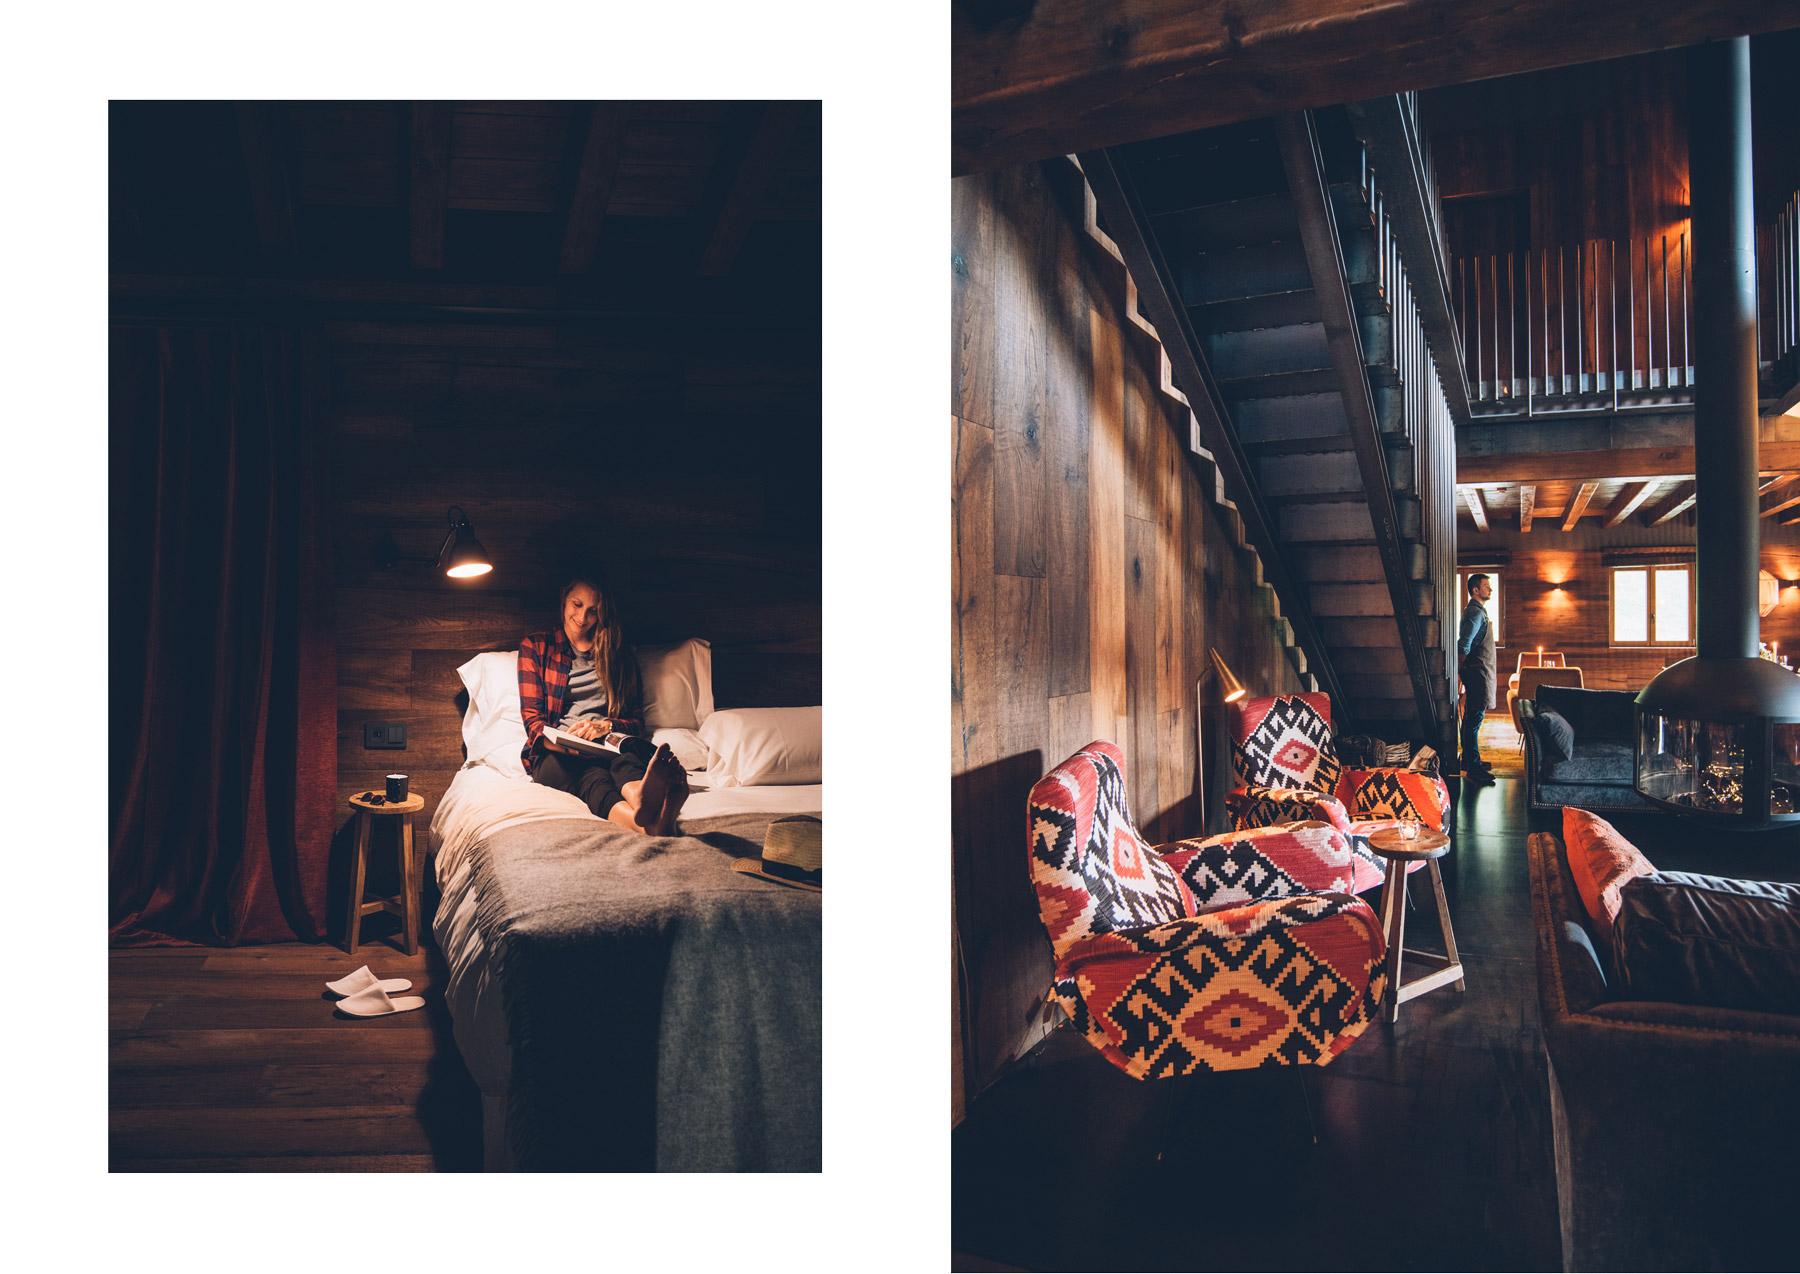 Où dormir à Andorre? Ovella Negra, Vall d'Incles